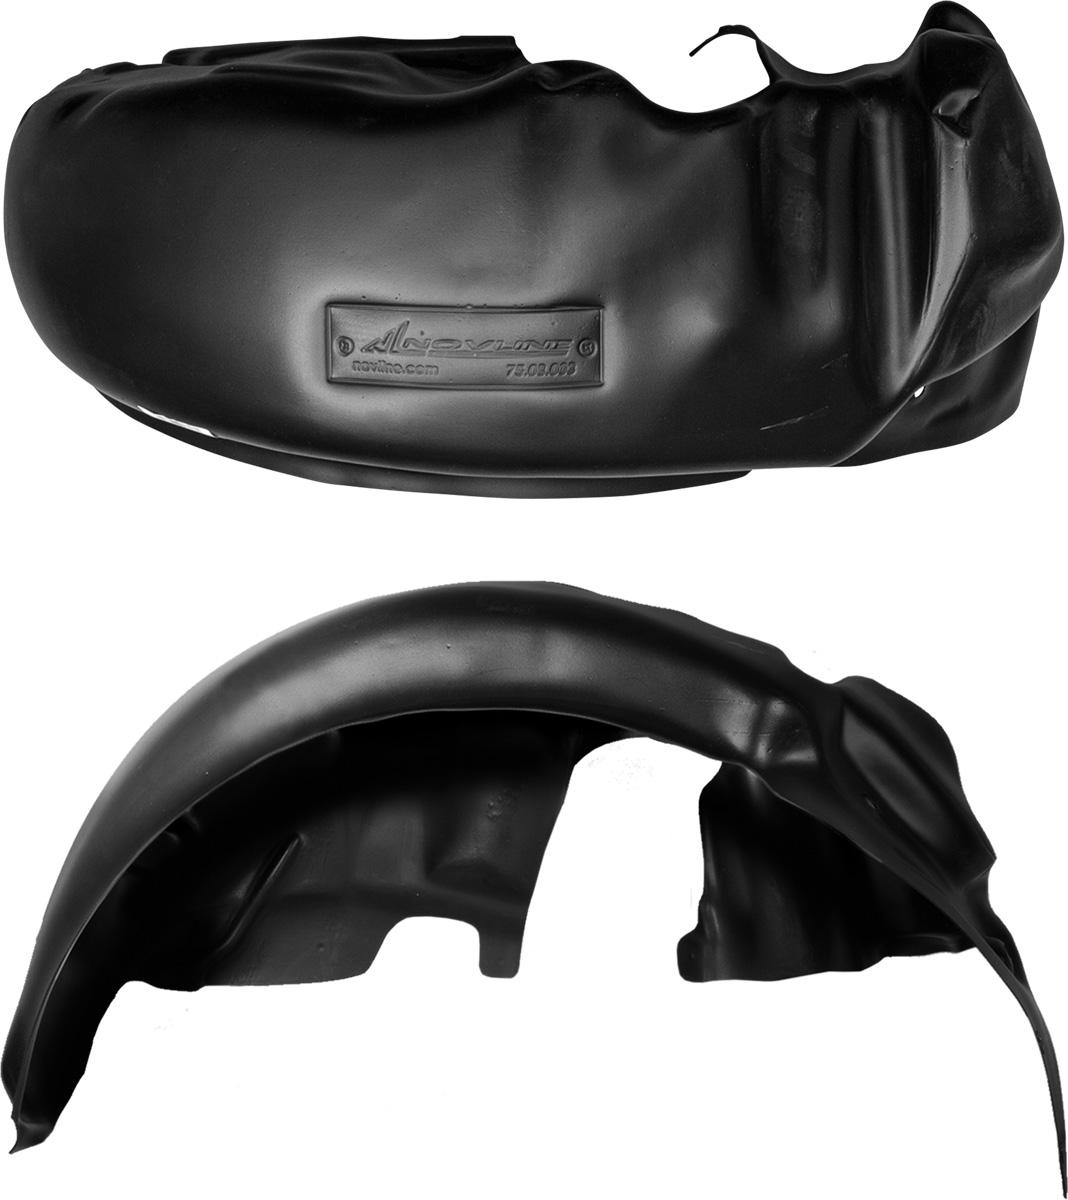 Подкрылок Novline-Autofamily, для Daewoo Nexia 1995-2007, 2007 -> (передний левый)2101Подкрылок выполнен из высококачественного, экологически чистого пластика. Обеспечивает надежную защиту кузова автомобиля от пескоструйного эффекта и негативного влияния, агрессивных антигололедных реагентов. Пластик обладает более низкой теплопроводностью, чем металл, поэтому в зимний период эксплуатации использование пластиковых подкрылков позволяет лучше защитить колесные ниши от налипания снега и образования наледи. Оригинальность конструкции подчеркивает элегантность автомобиля, бережно защищает нанесенное на днище кузова антикоррозийное покрытие и позволяет осуществить крепление подкрылка внутри колесной арки практически без дополнительного крепежа и сверления, не нарушая при этом лакокрасочного покрытия, что предотвращает возникновение новых очагов коррозии. Технология крепления подкрылка на иномарки принципиально отличается от крепления на российские автомобили и разрабатывается индивидуально для каждой модели автомобиля. Подкрылок долговечен, обладает высокой прочностью и...